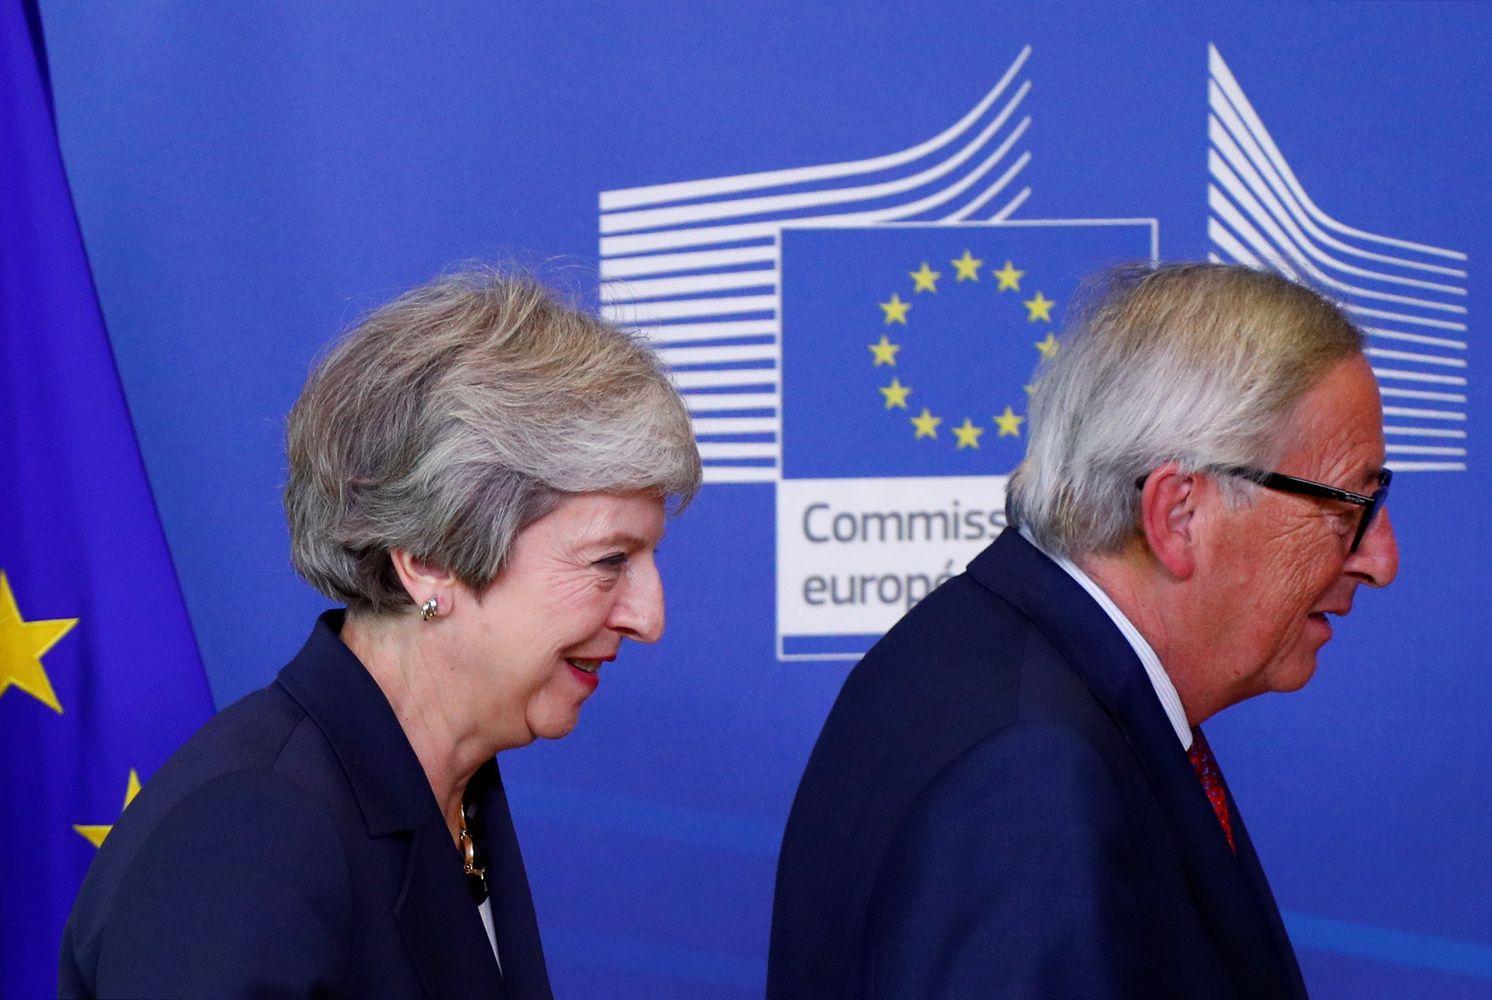 ES laukia istorinis viršūnių susitikimas